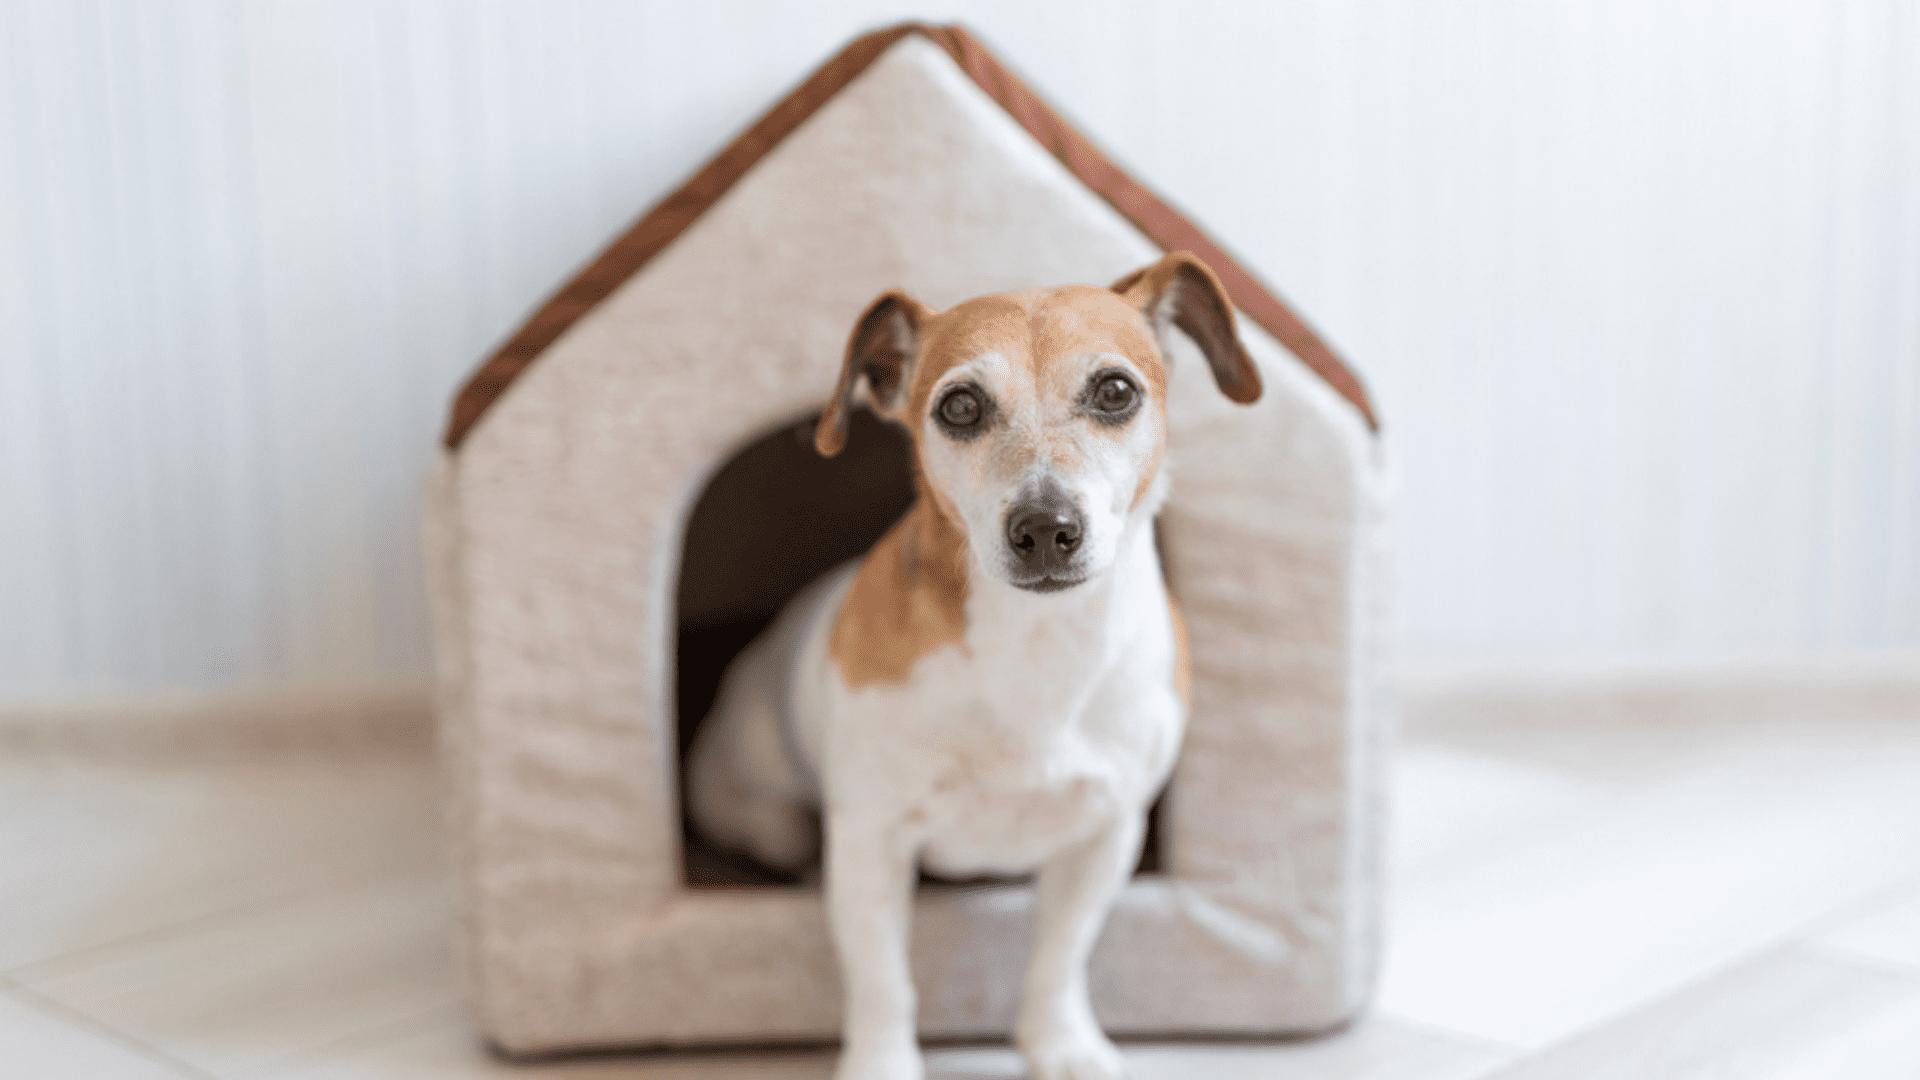 A casinha de tecido é apropriada para se usar dentro de casa ou apartamento (Reprodução/Shutterstock)